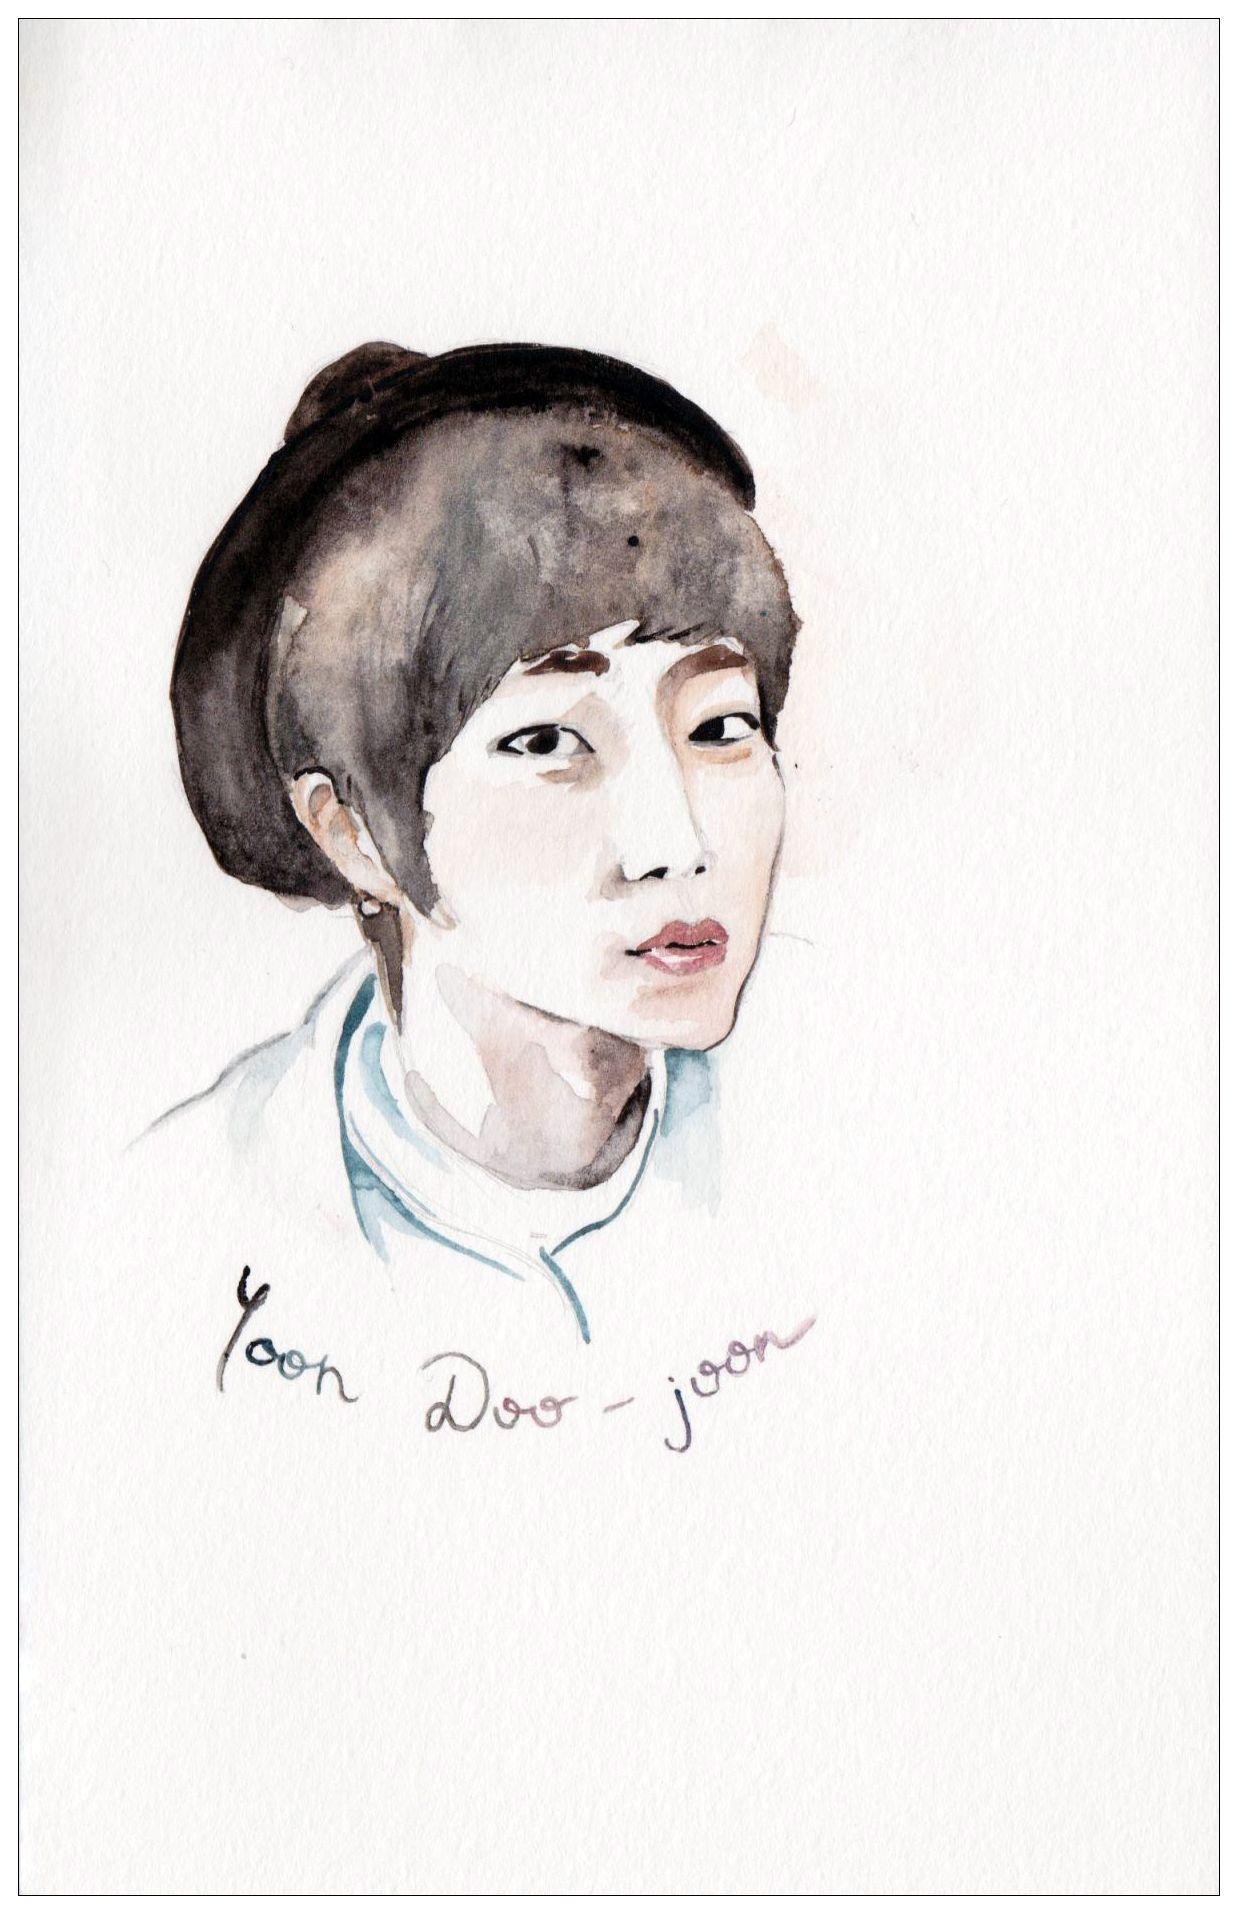 Portrait of Yoon Doo Joon